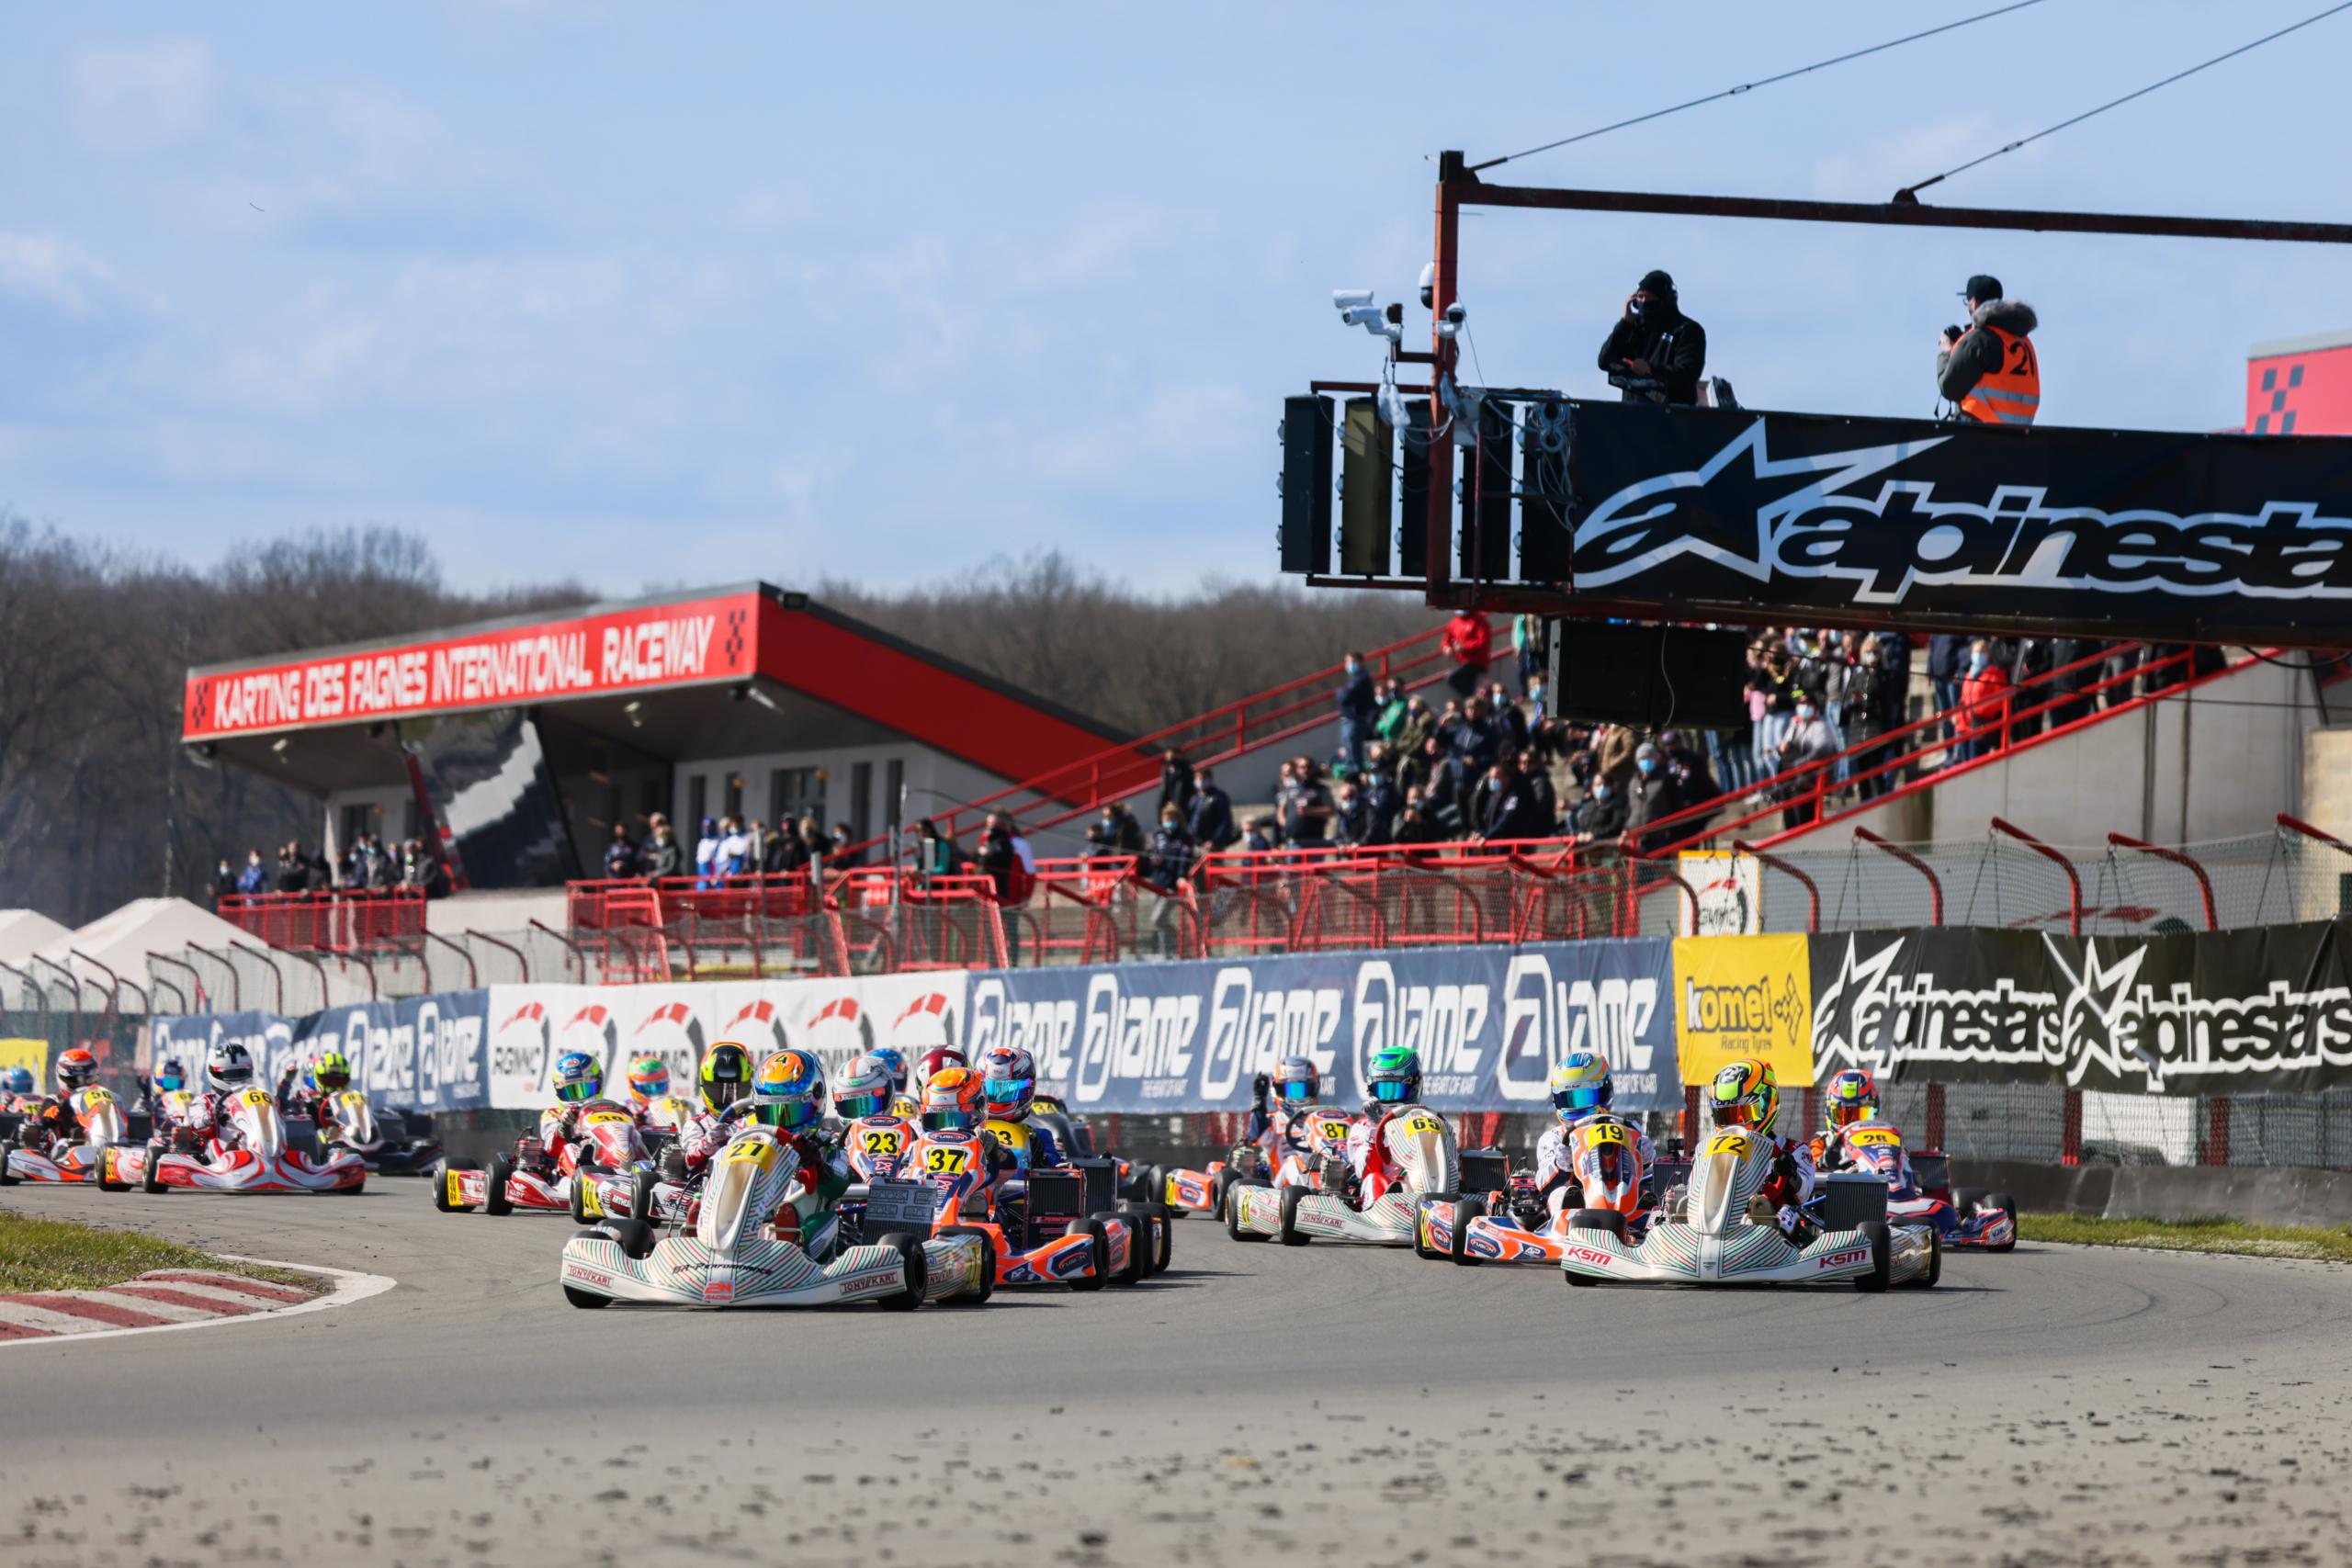 IAME Euro Series Mariembourg: Spannende Rennen zum Saisonstart